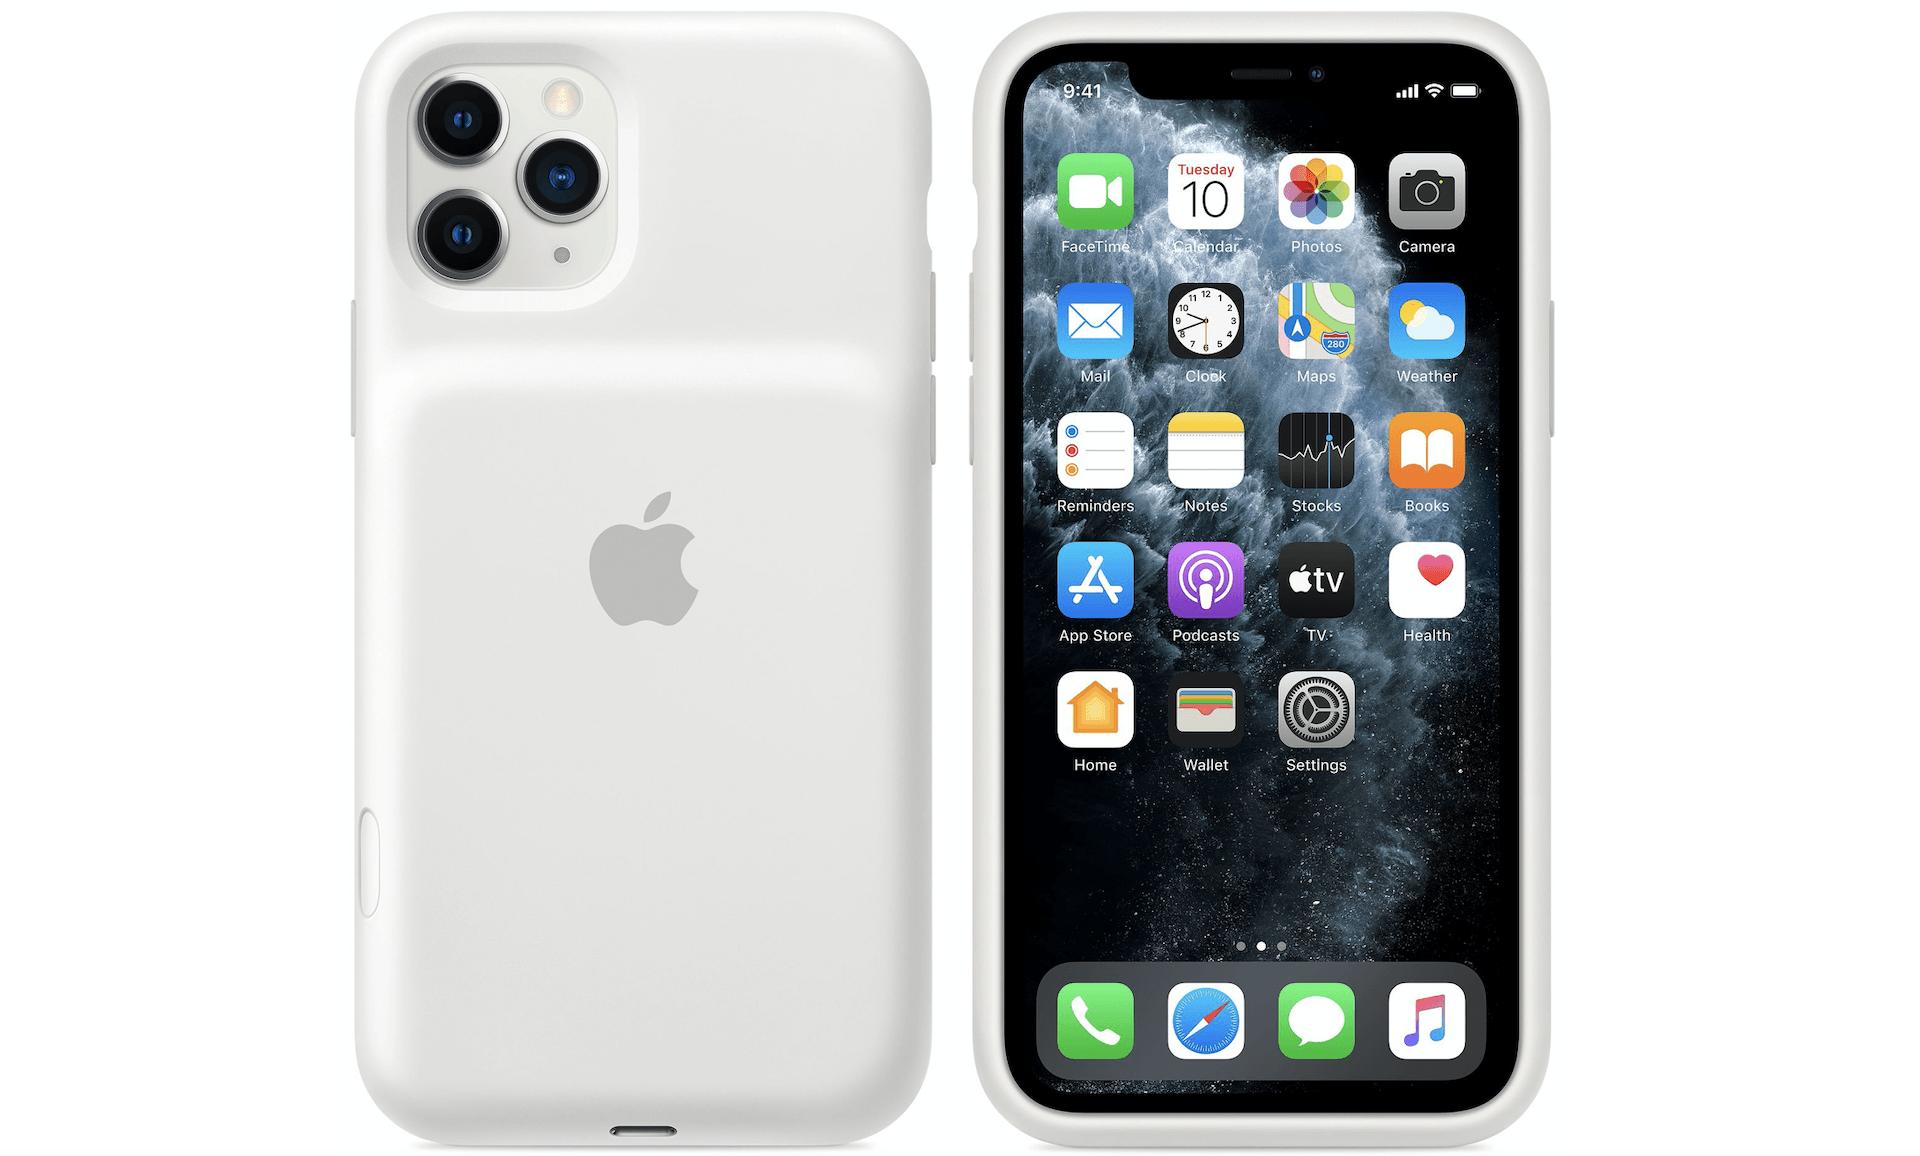 Pour rendre la coque-batterie des iPhone 11 attirante, Apple a ajouté un bouton photo pratique